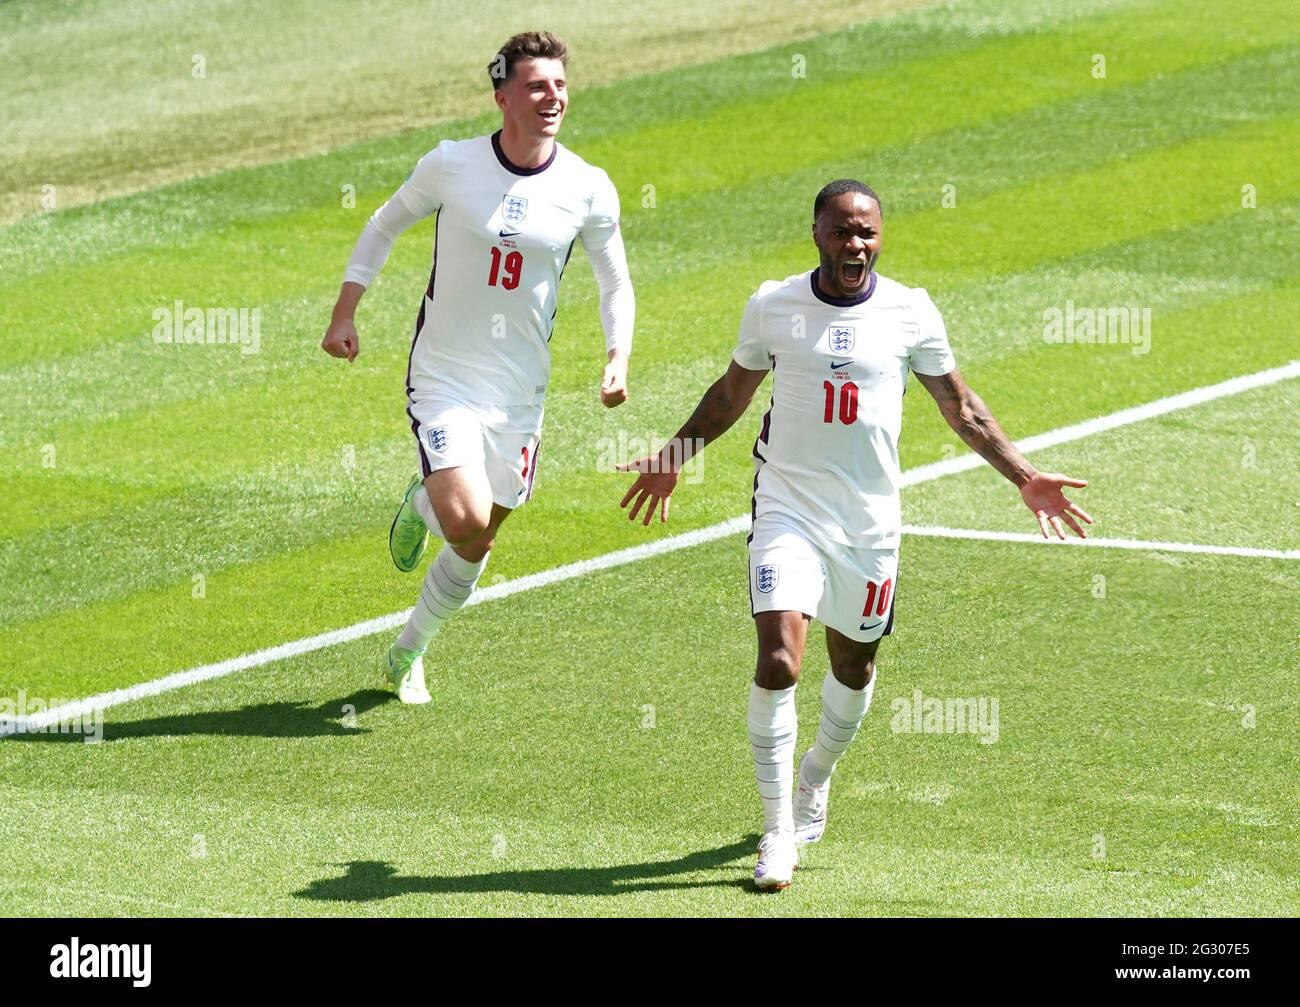 Il Raheem Sterling (a destra) dell'Inghilterra celebra il primo gol della partita durante la partita UEFA Euro 2020 Group D al Wembley Stadium di Londra. Data immagine: Domenica 13 giugno 2021. Foto Stock